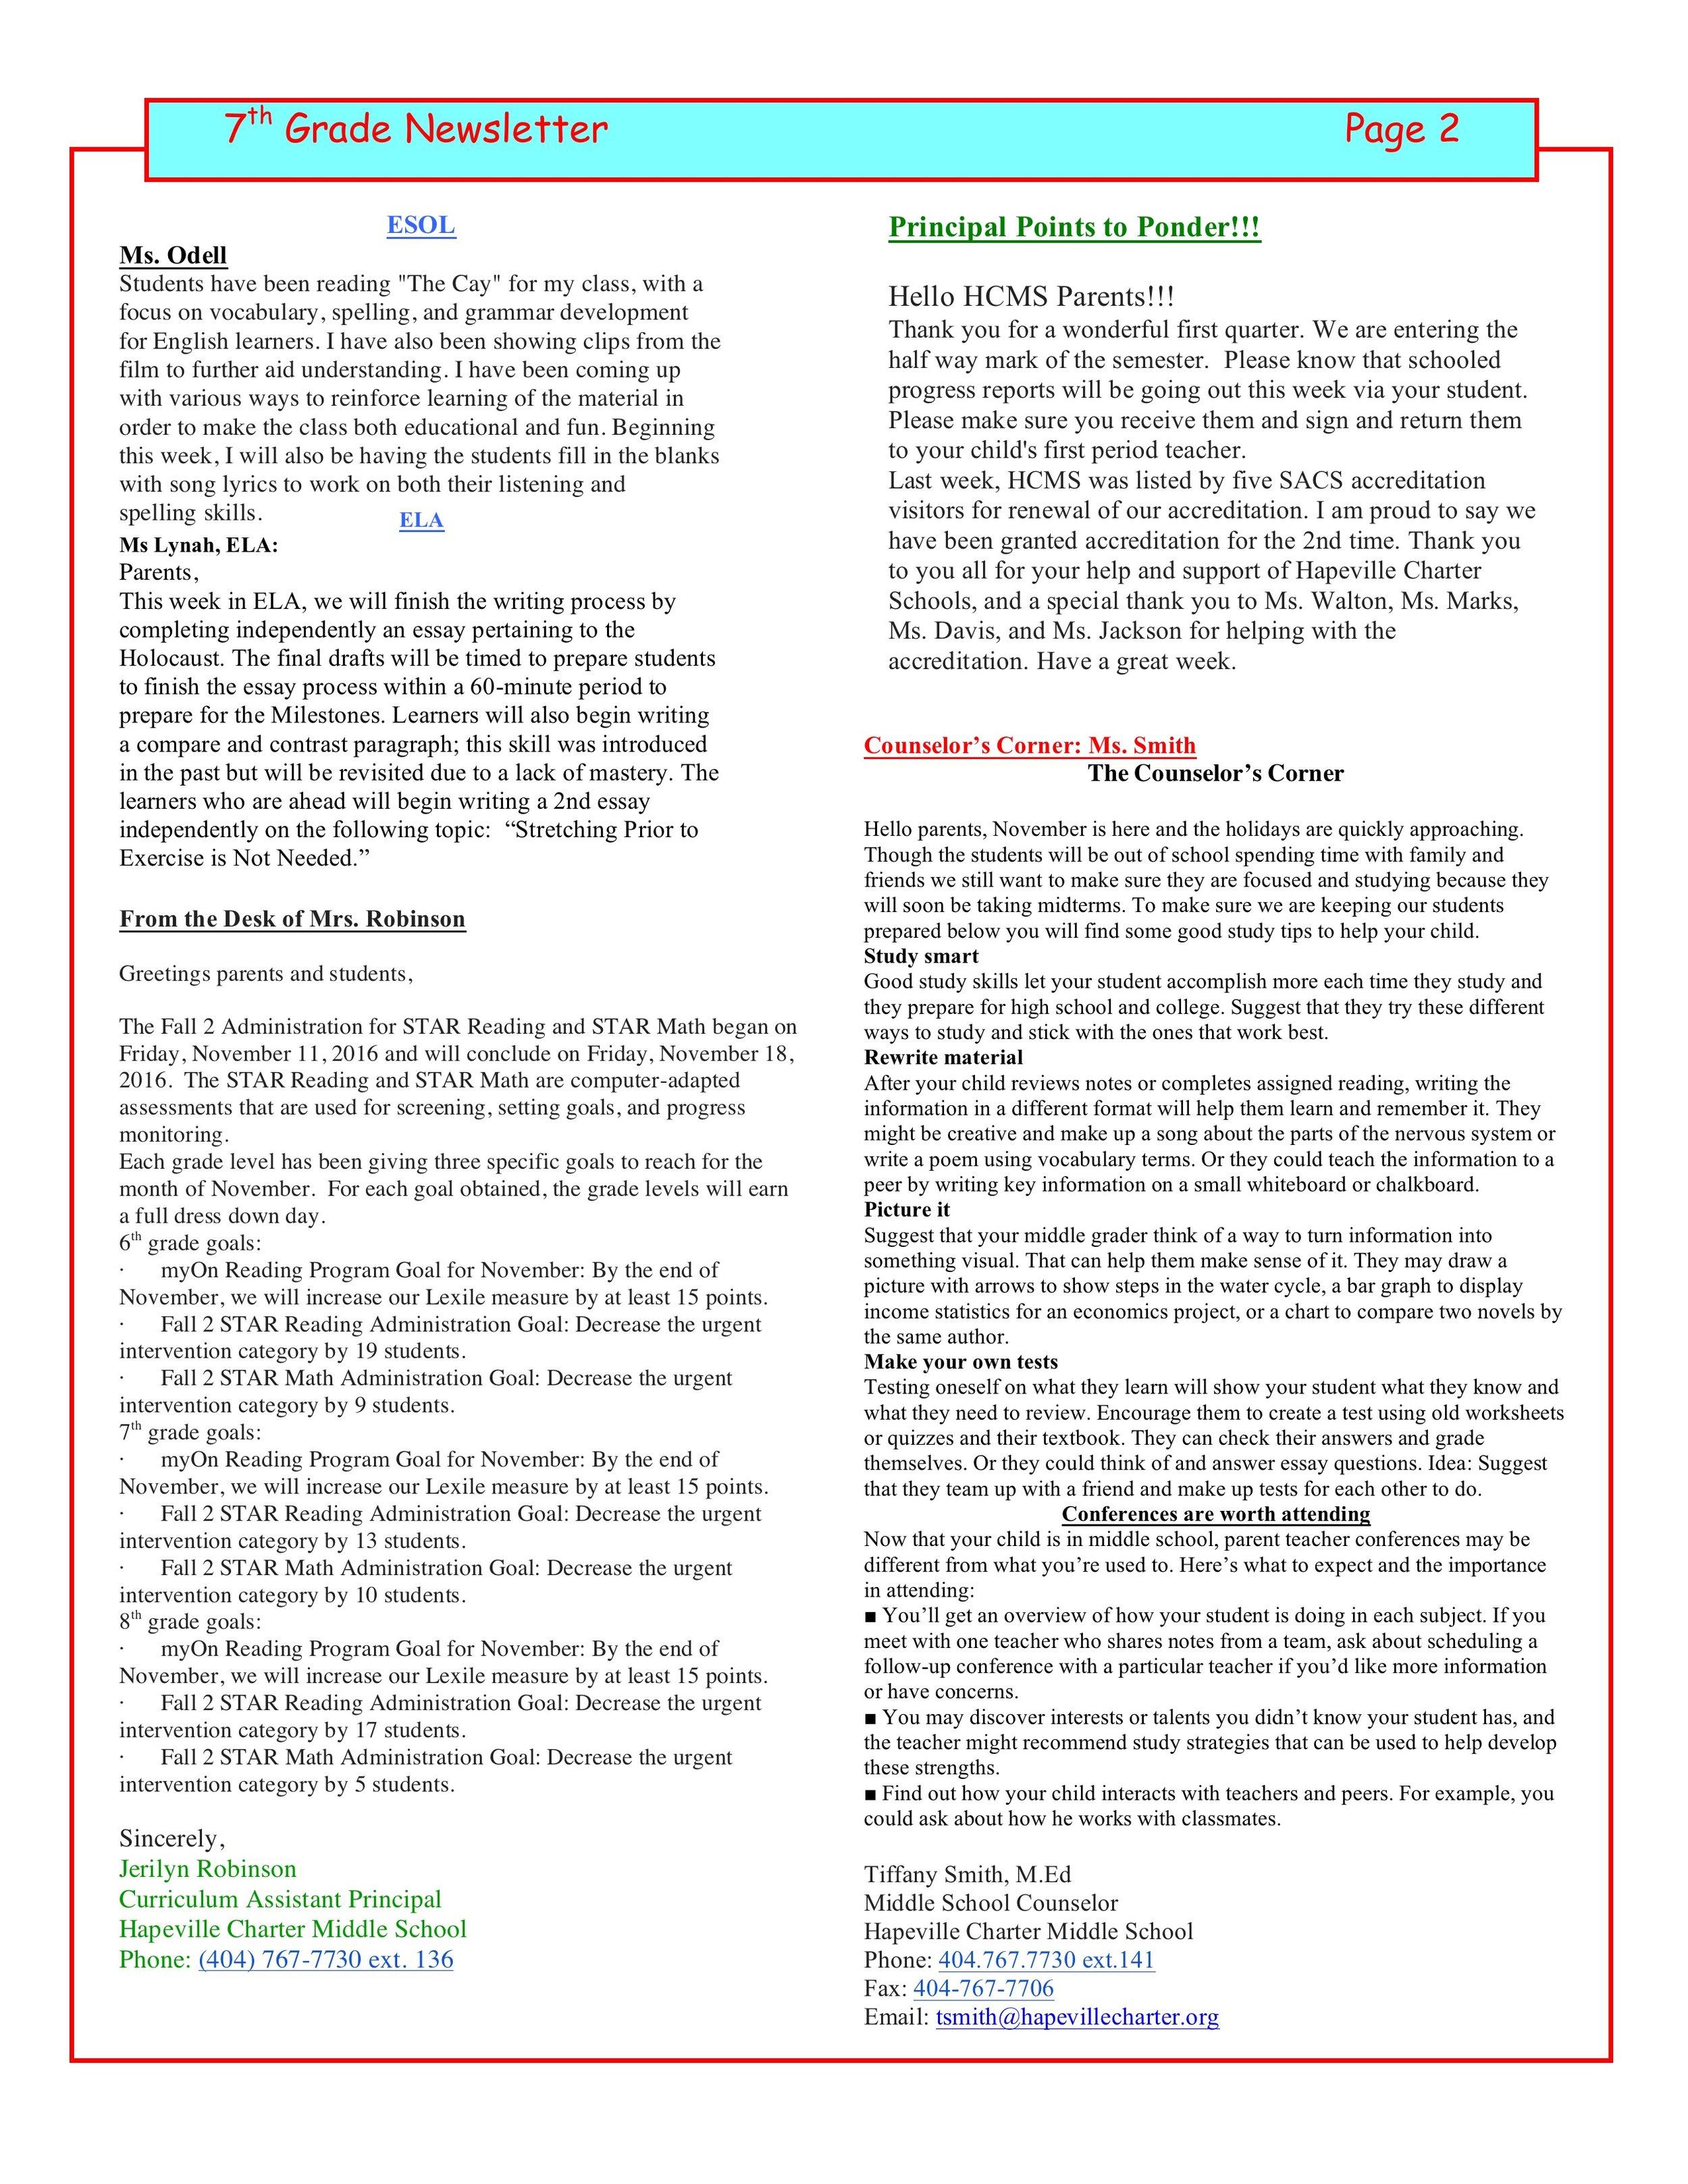 Newsletter Image7th Grade Newsletter 11.14.2016  2.jpeg